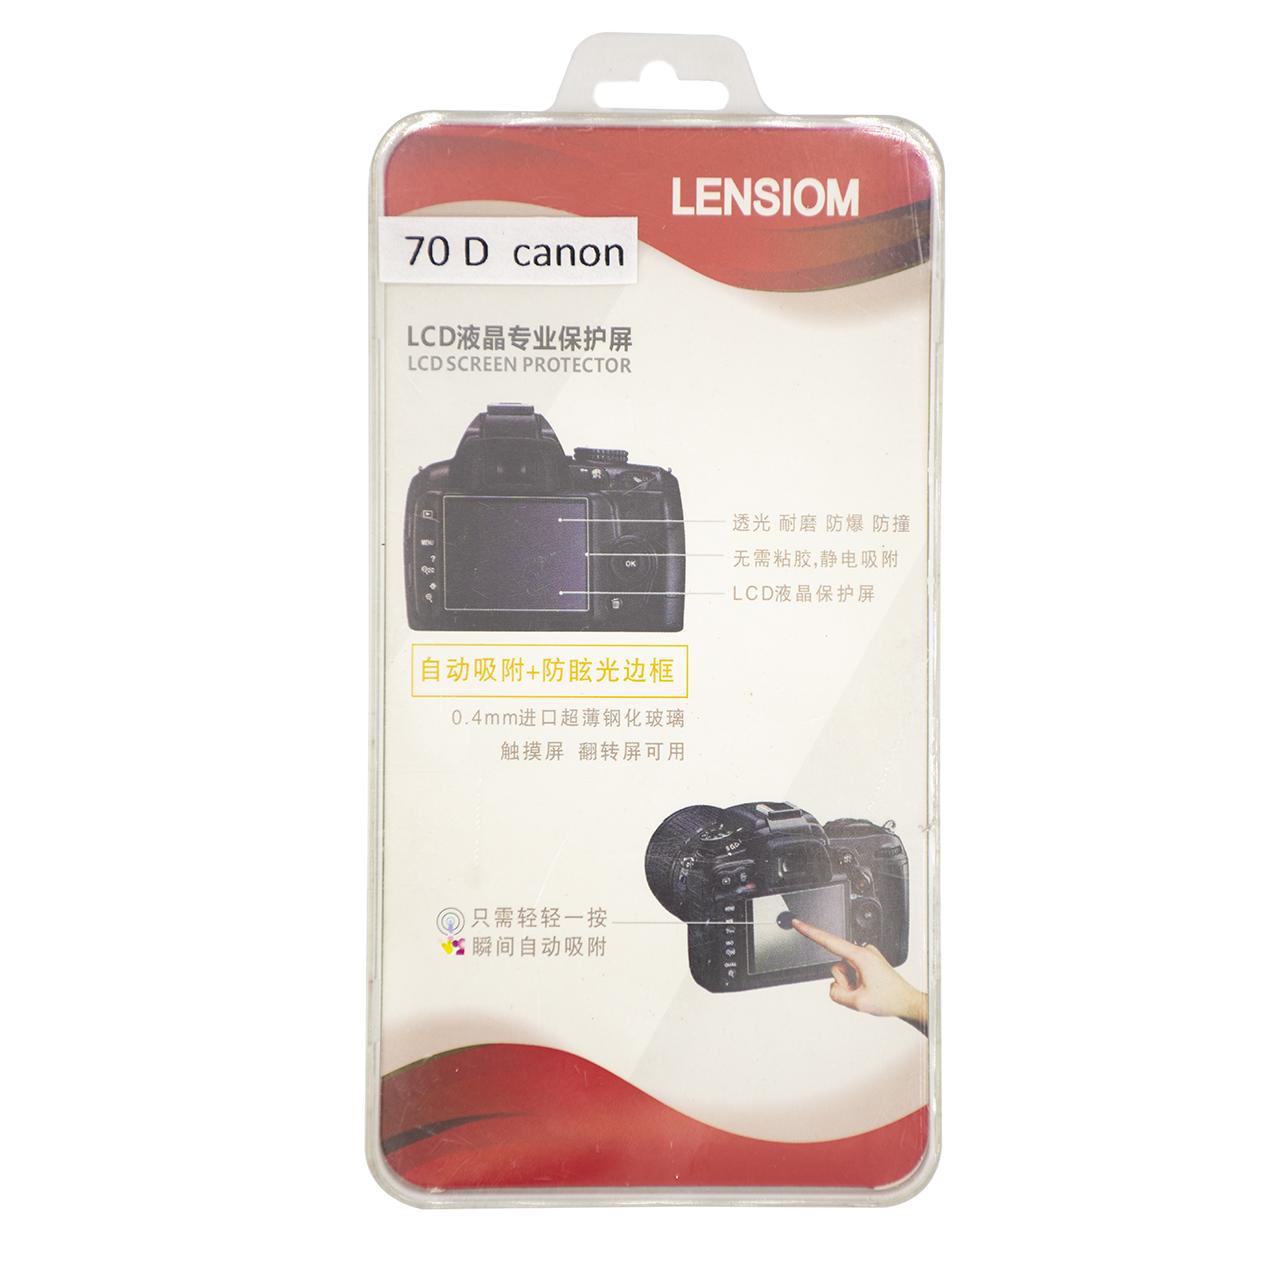 بررسی و {خرید با تخفیف} محافظ صفحه نمایش دوربین لنزیوم مدل L70D مناسب برای کانن 70D اصل